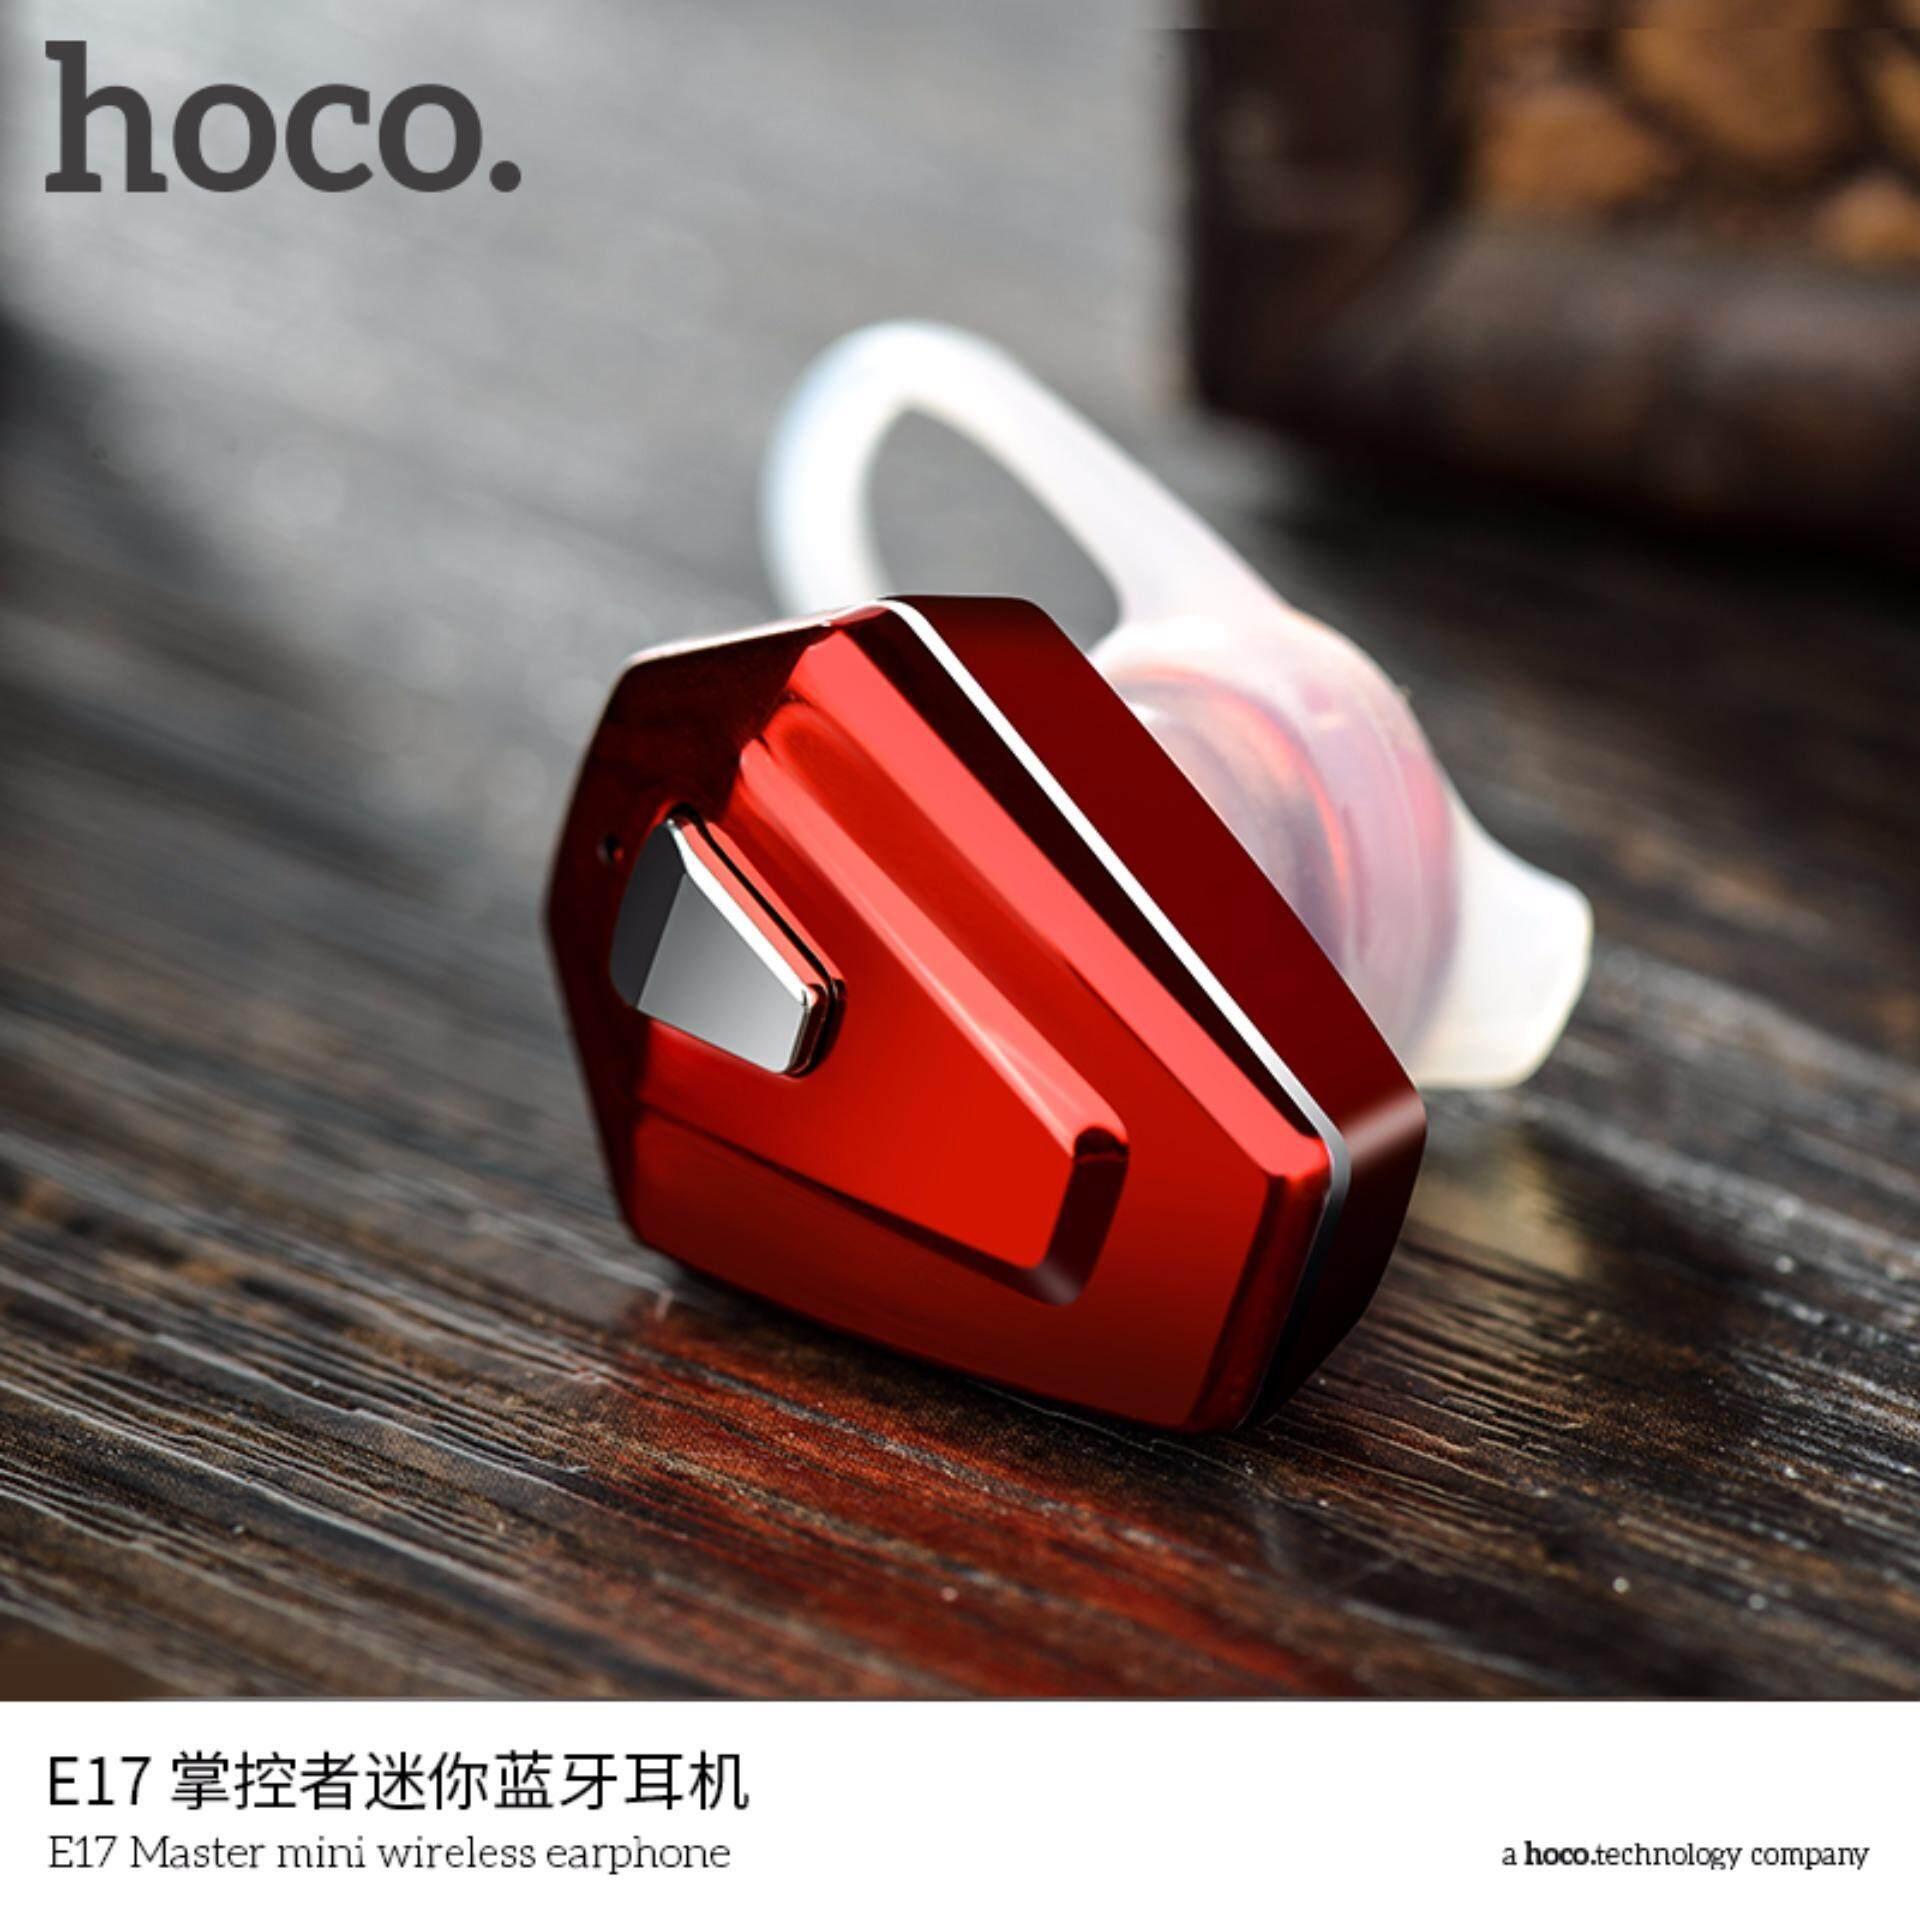 ของแท้และส่งฟรี หูฟัง Hoco HOCO Airpods TPU เคสป้องกันสำหรับ Airpods โดยเฉพาะ มีคูปองส่วนลด